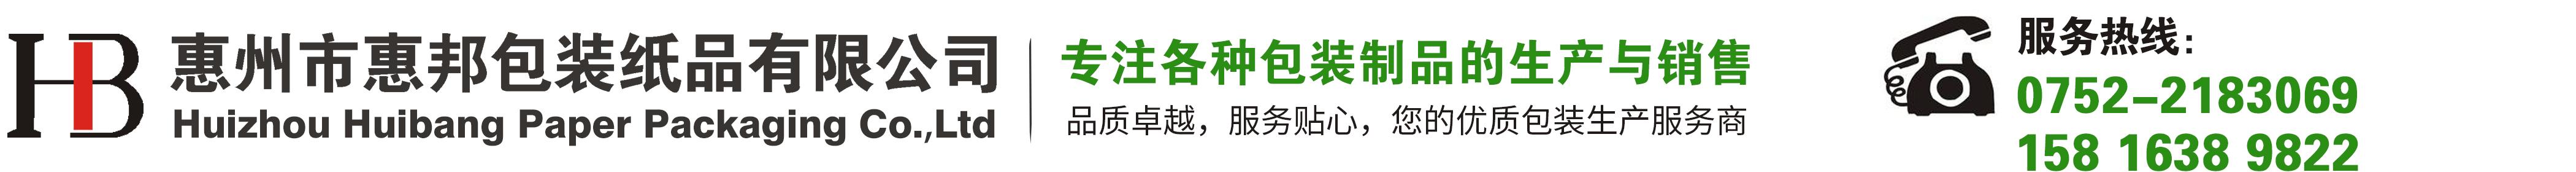 惠州市抖肾app包裝紙品有限公司